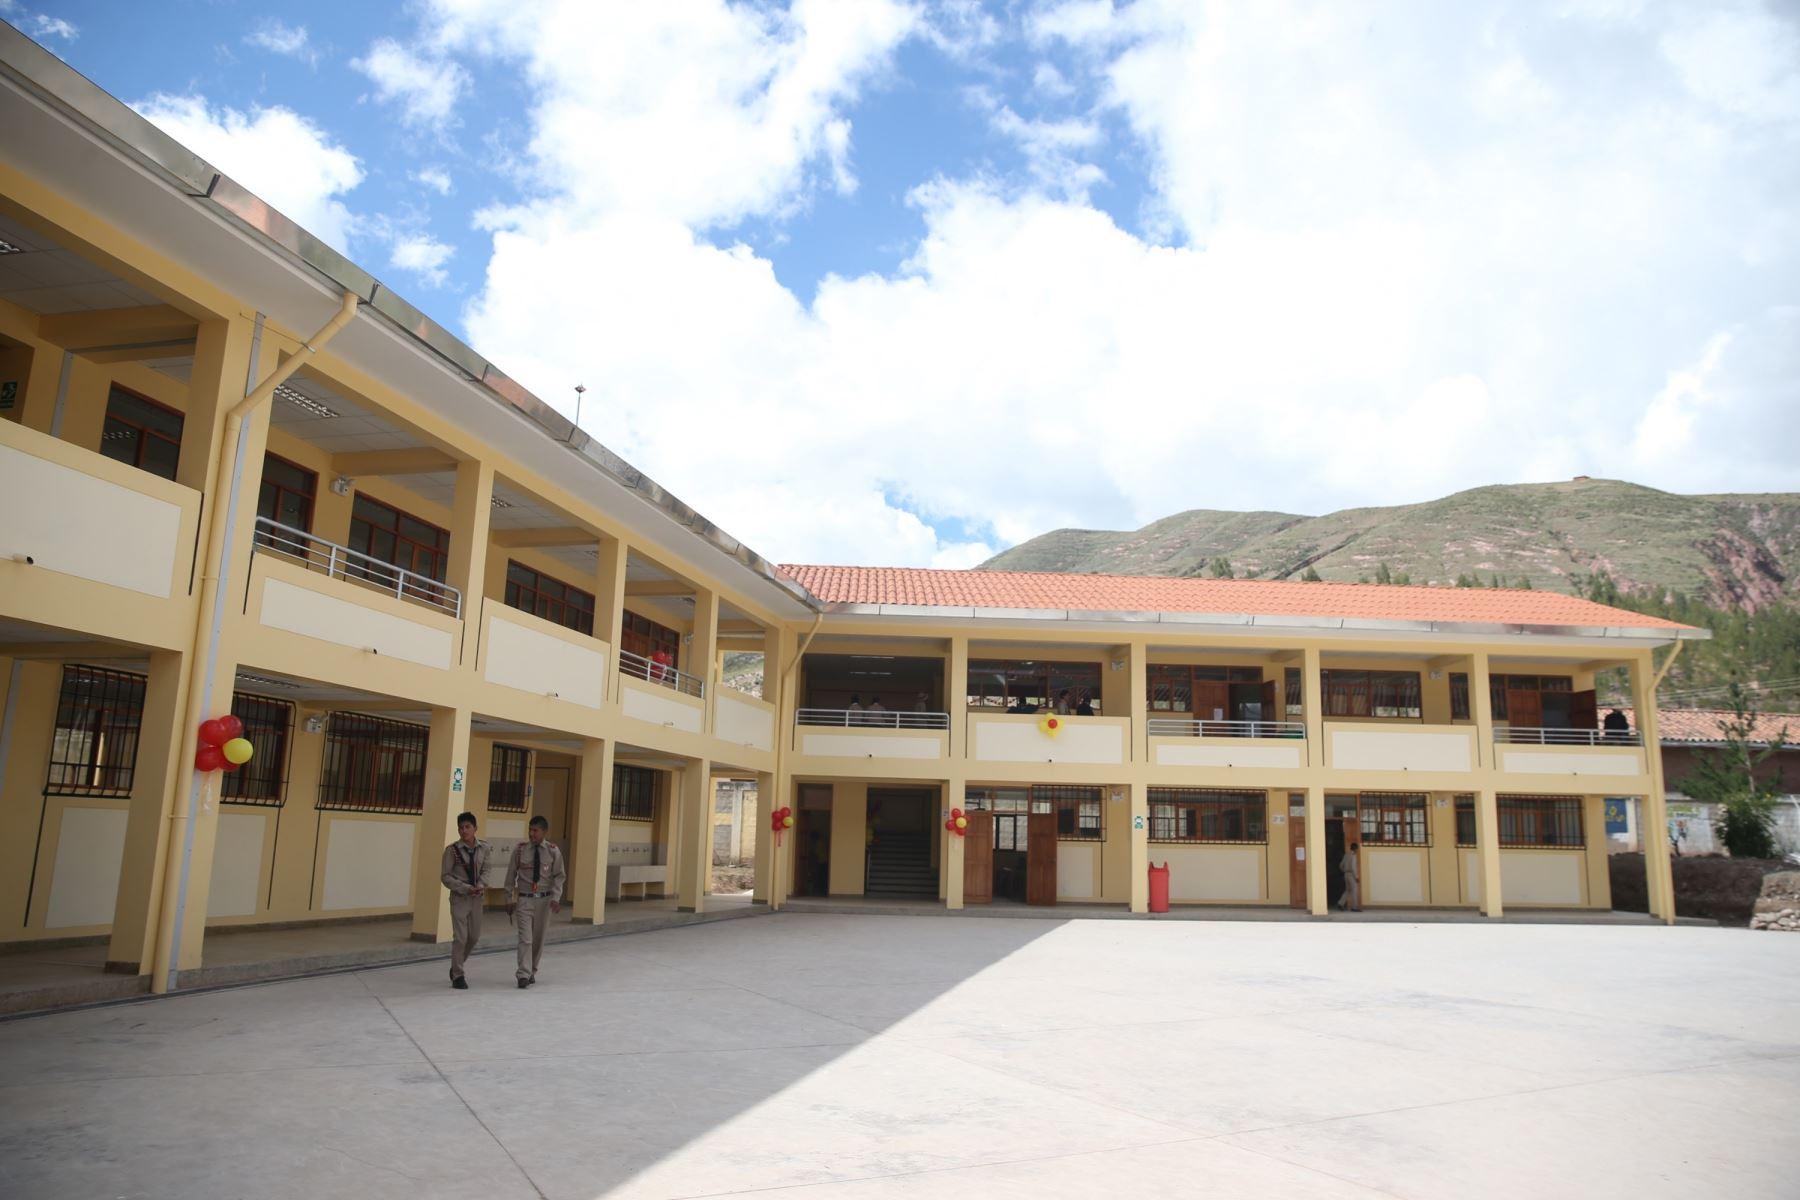 El Ministerio de Educación autorizó el inicio de clases presenciales en colegios rurales de zonas libres de coronavirus. ANDINA/Difusión